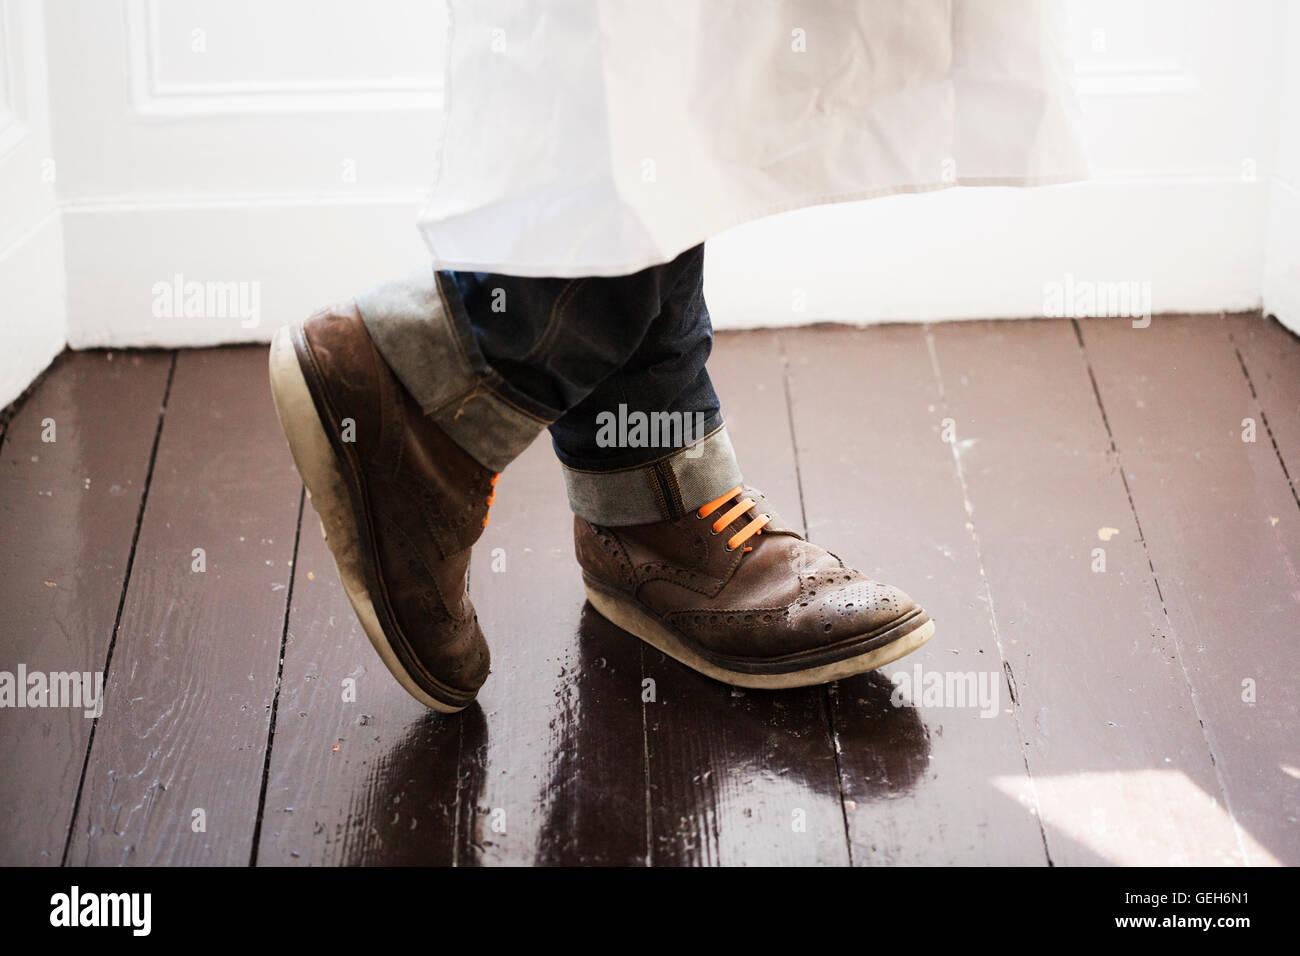 Nahaufnahme eines Mannes Füße, braune Schuhe mit